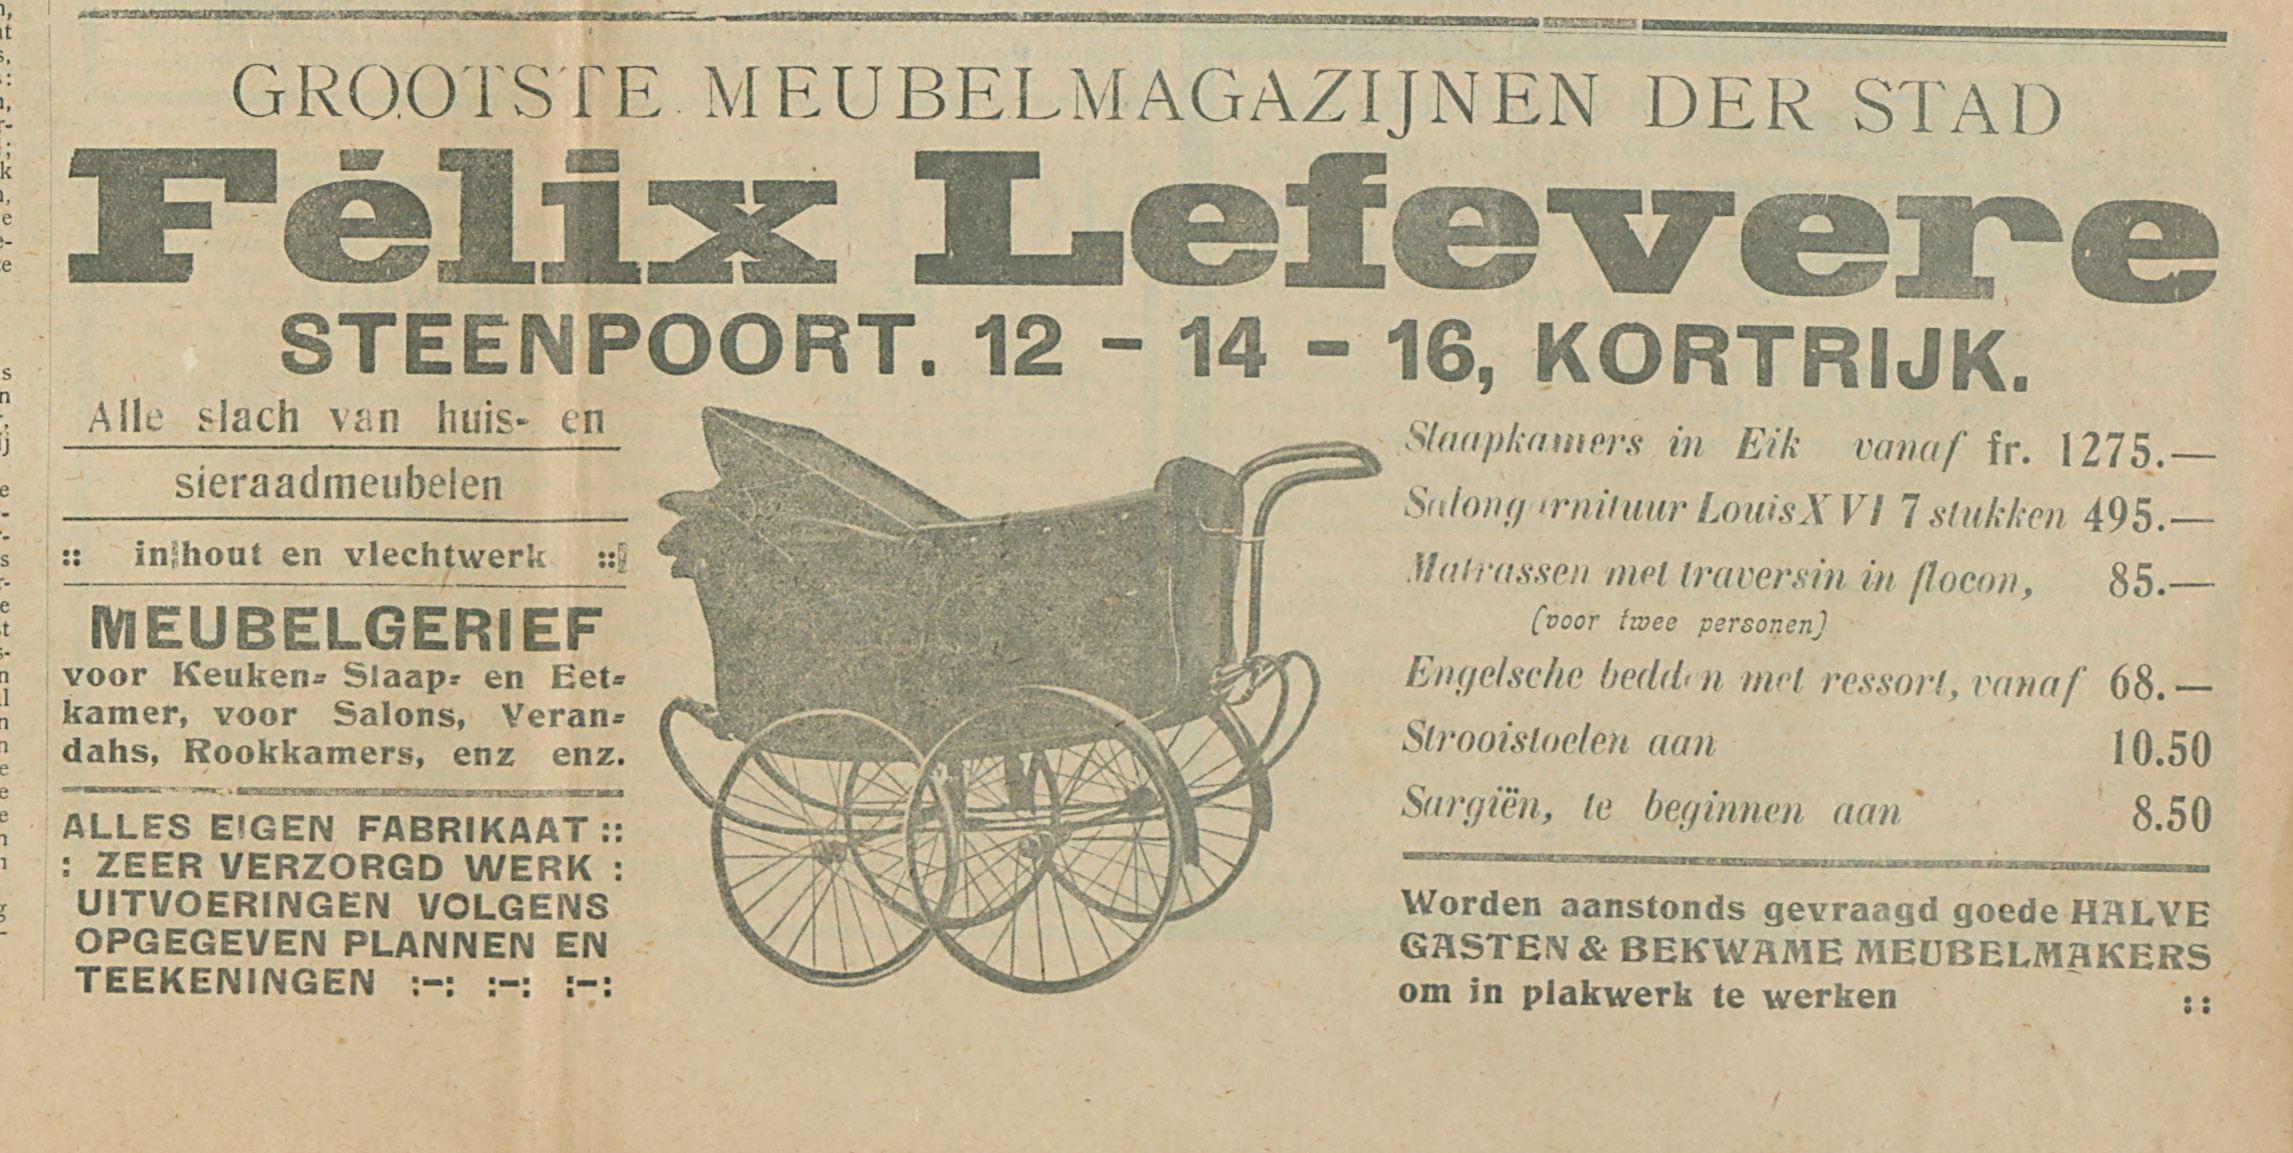 Felix Lefevere